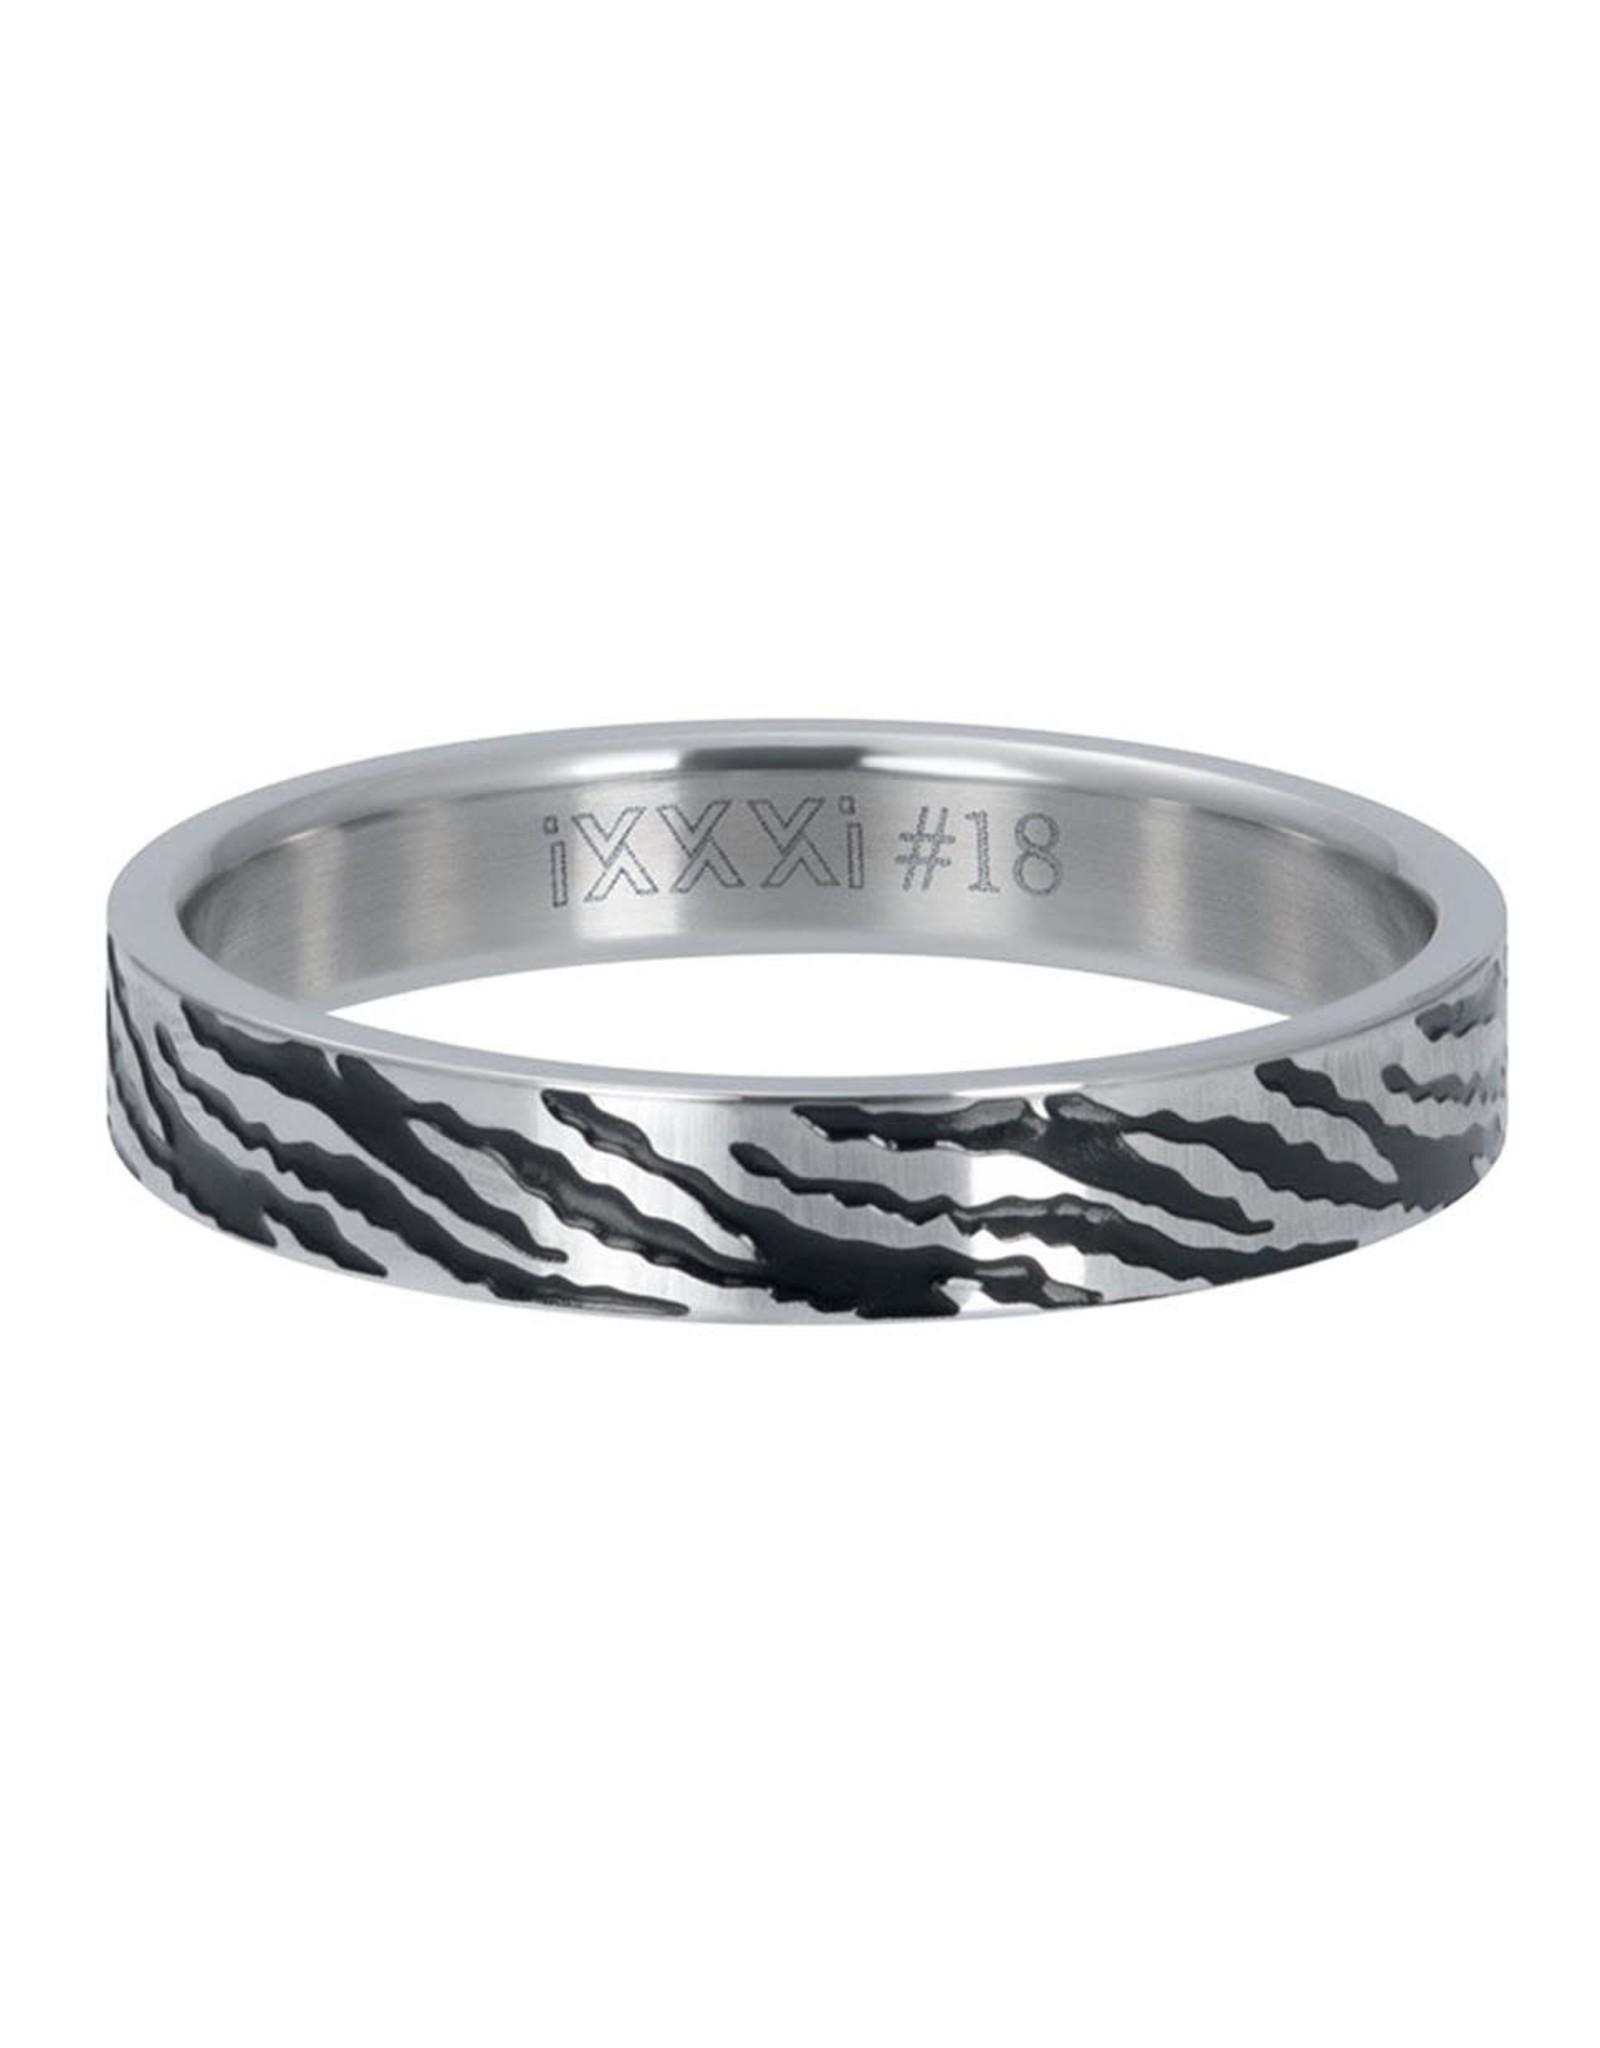 IXXXI IXXXI Ring Zebra Zilver 17